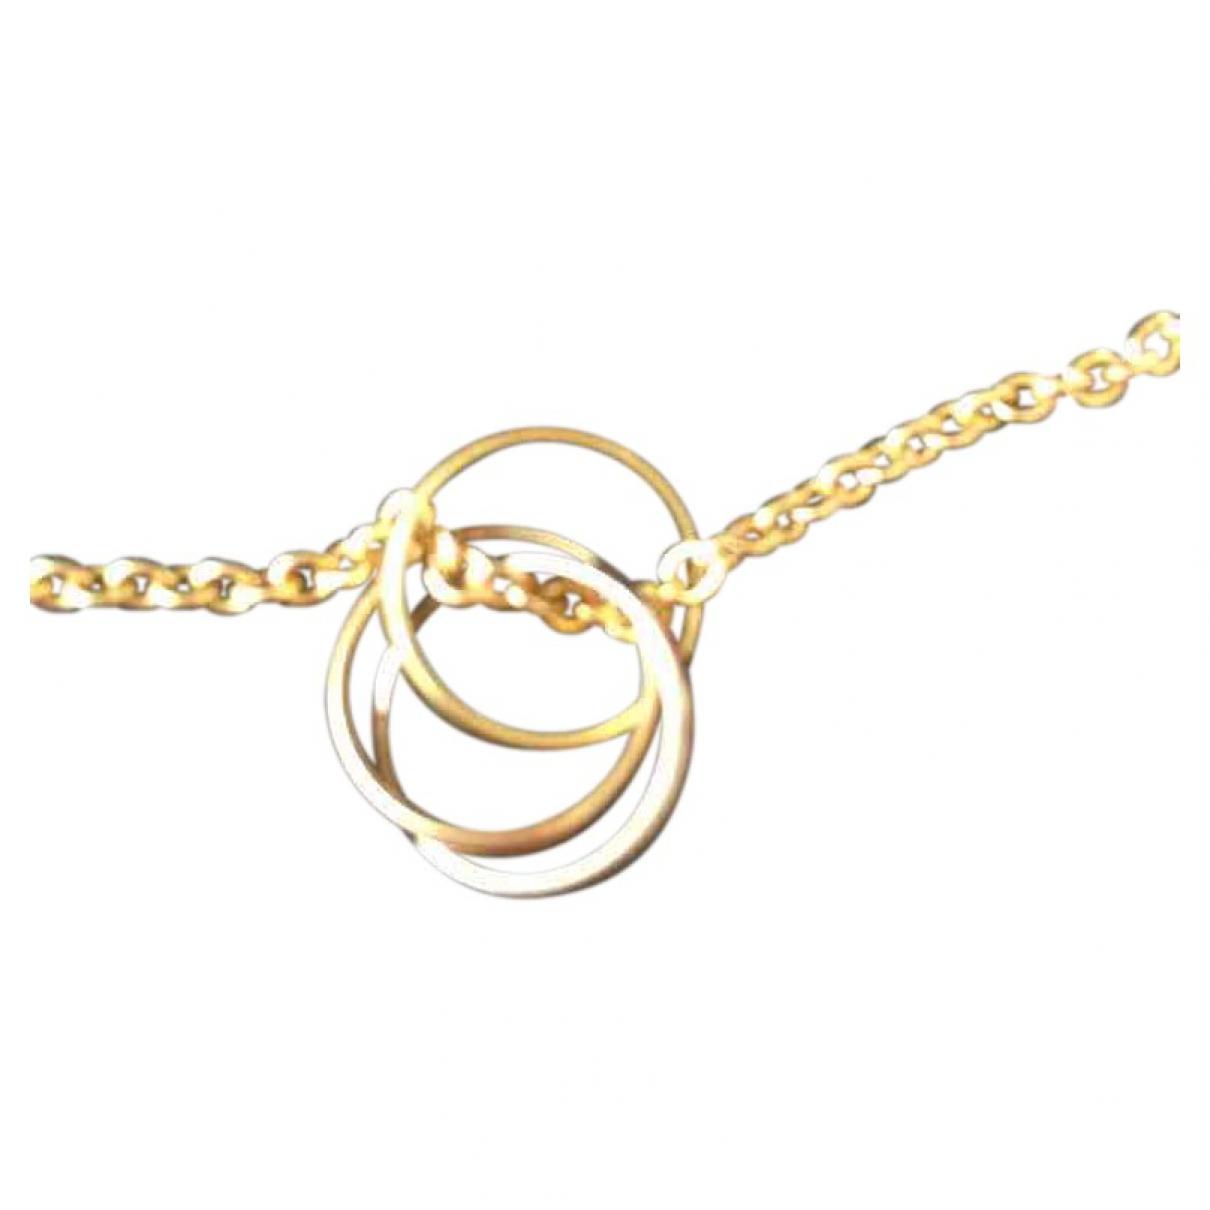 Cartier - Sautoir Trinity pour femme en or jaune - dore